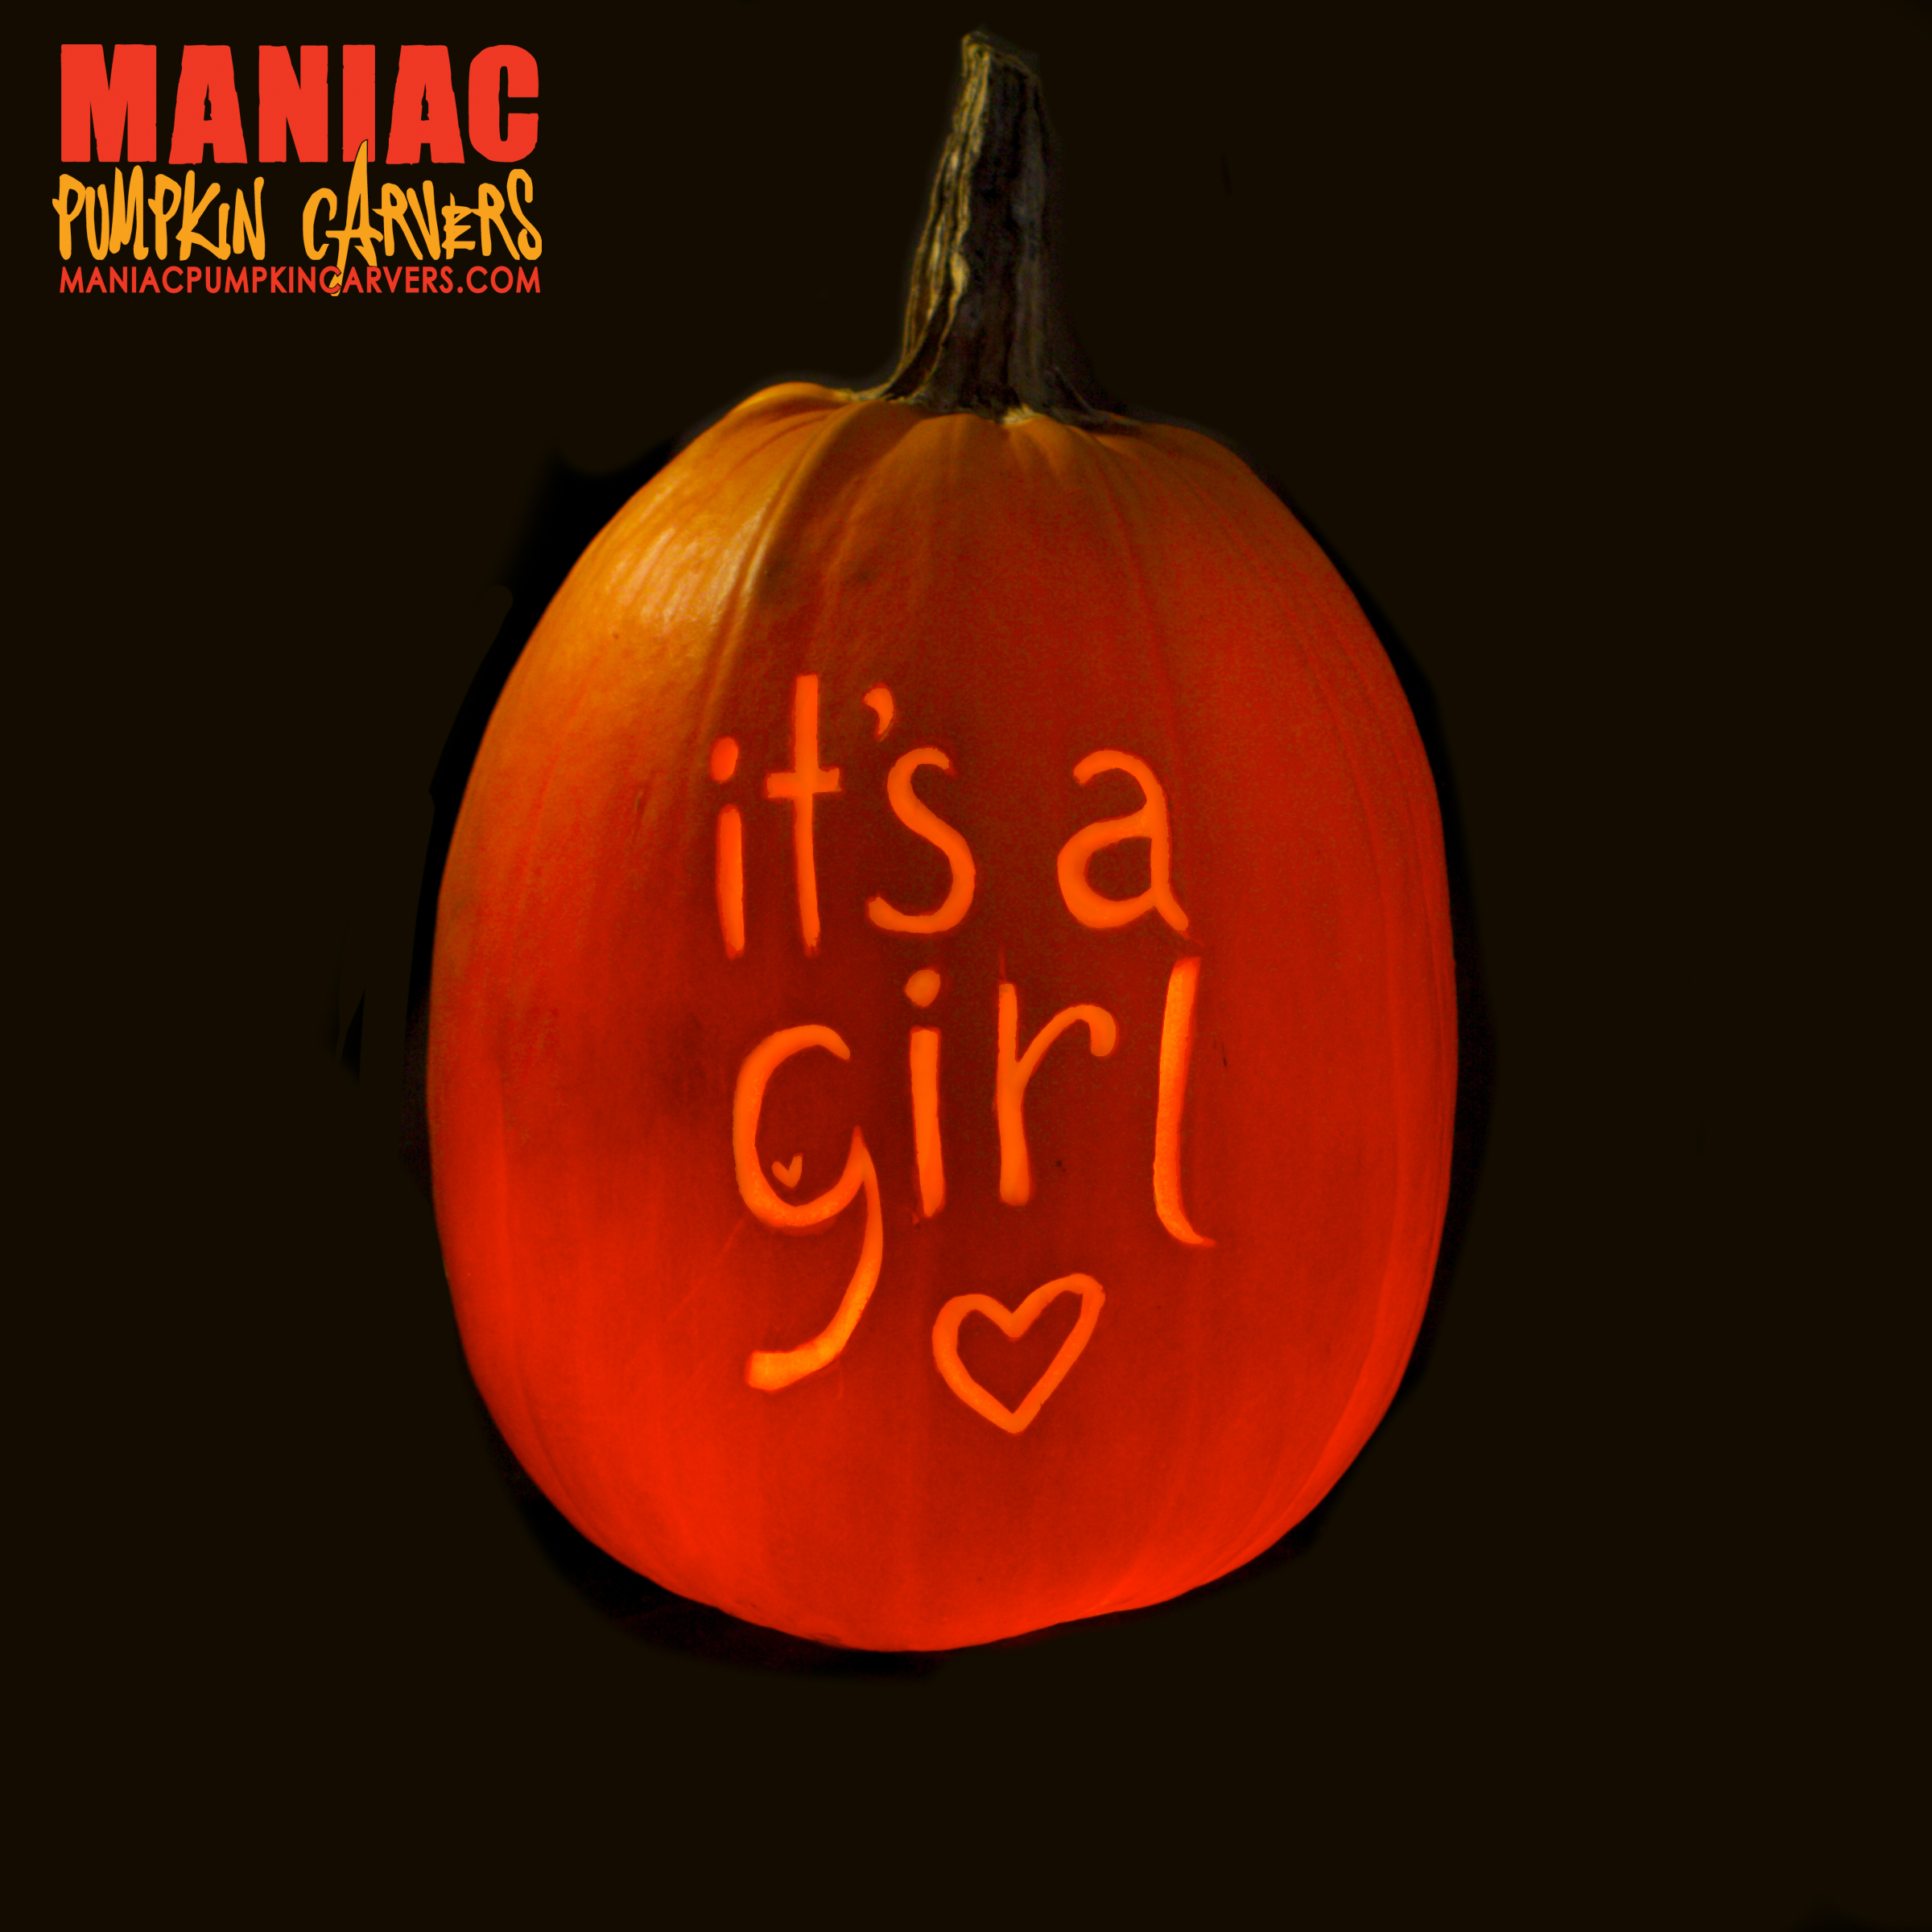 Medium pumpkin with text.